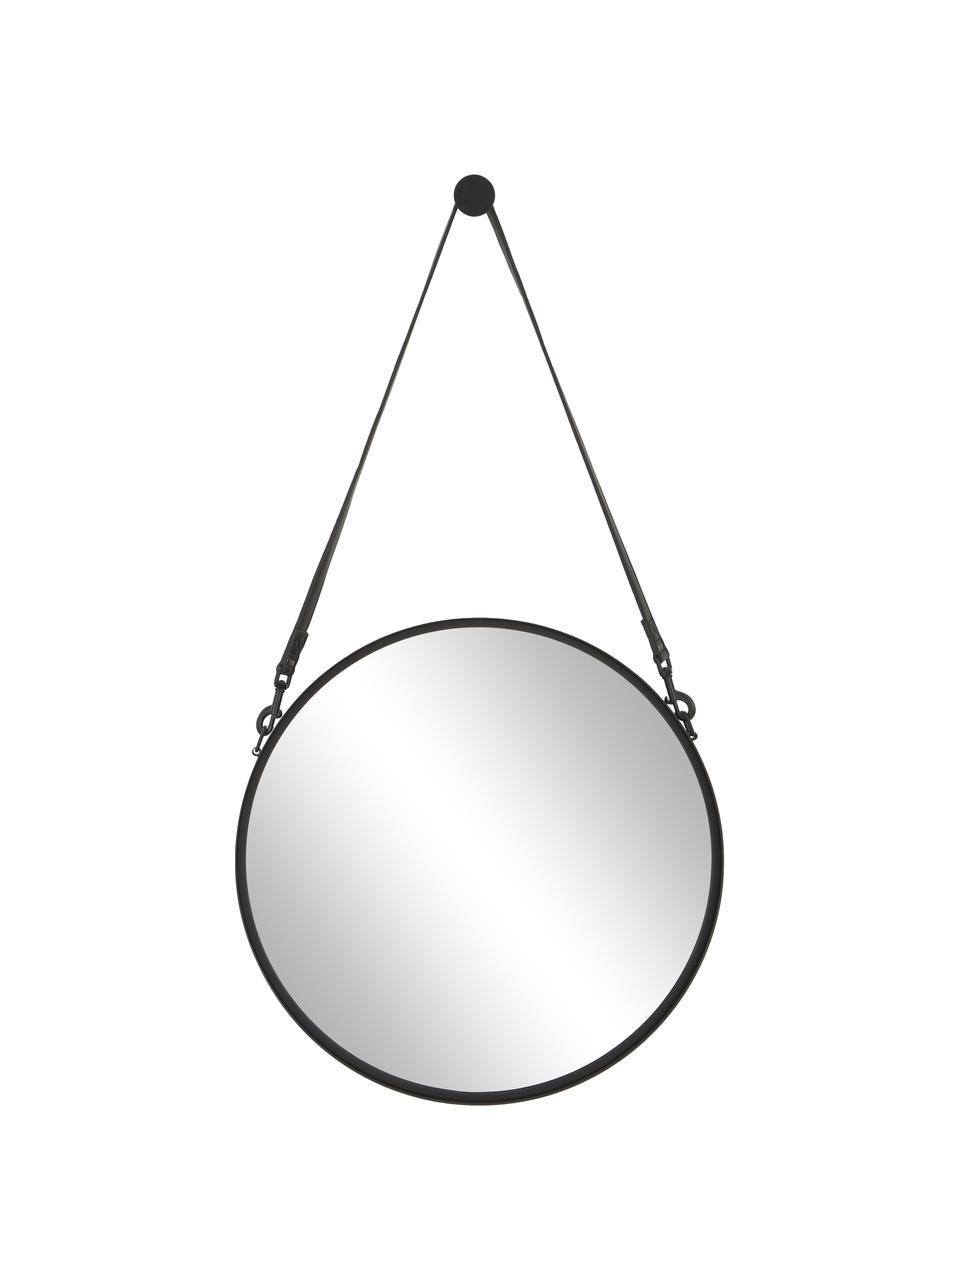 Runder Wandspiegel Liz mit schwarzer Lederschlaufe, Spiegelfläche: Spiegelglas, Rückseite: Mitteldichte Holzfaserpla, Schwarz, Ø 40 cm